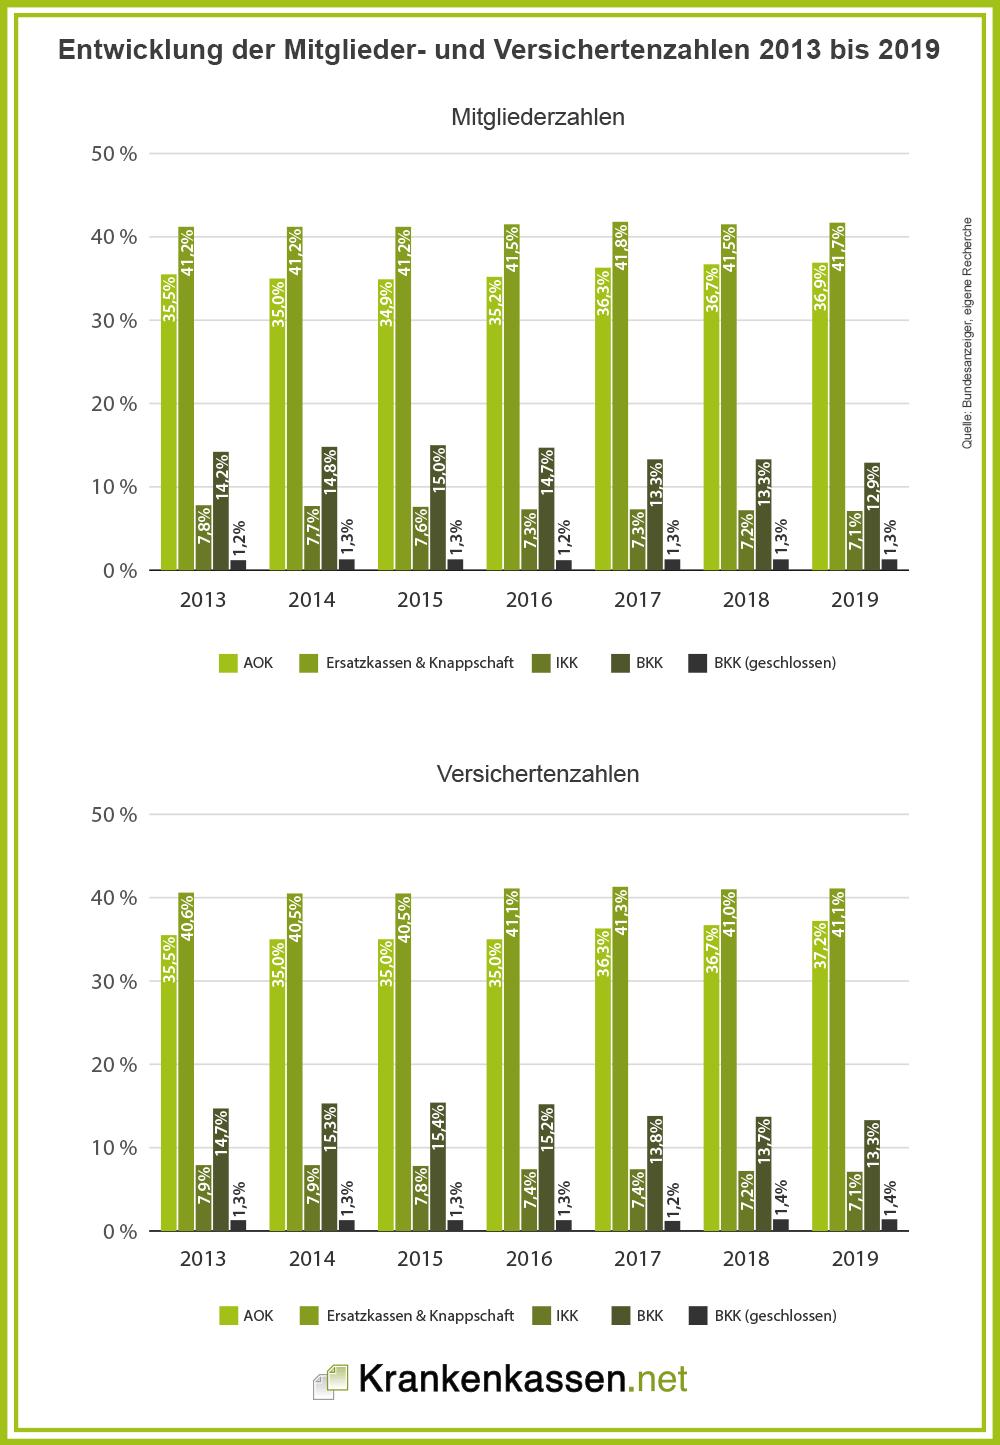 Entwicklung der Mitglieder- und Versichertenzahlen 2013 bis 2019